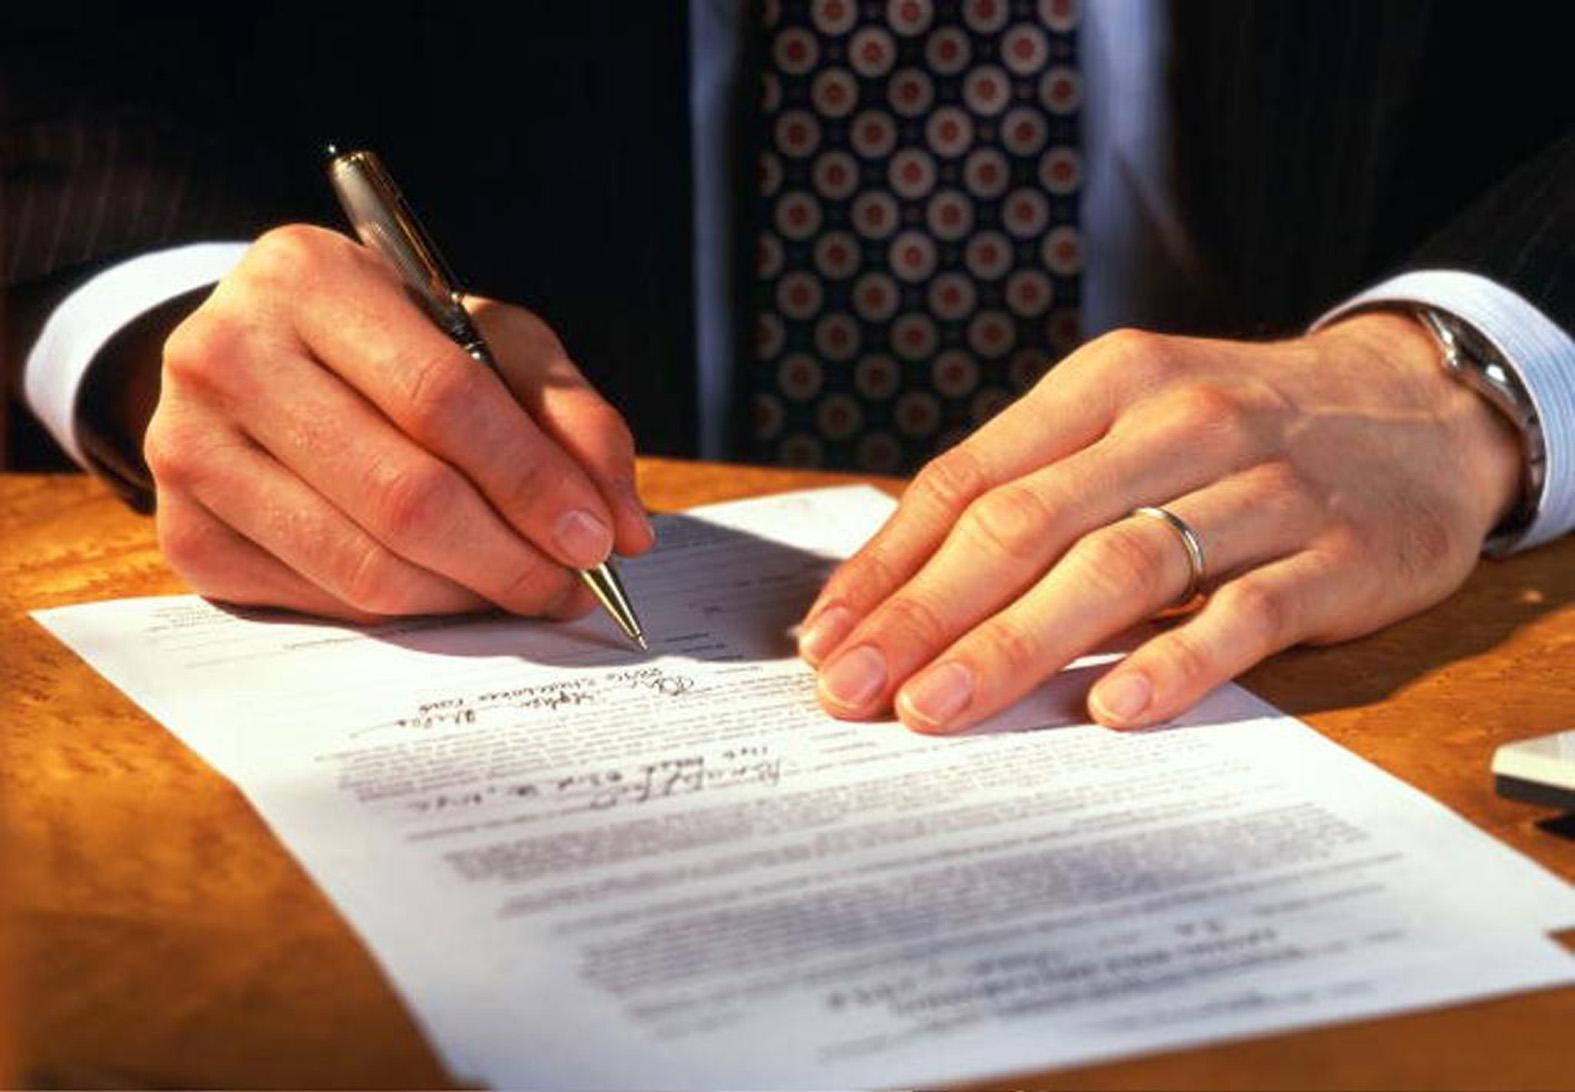 Срок ответа на претензию по защите прав потребителей по закону